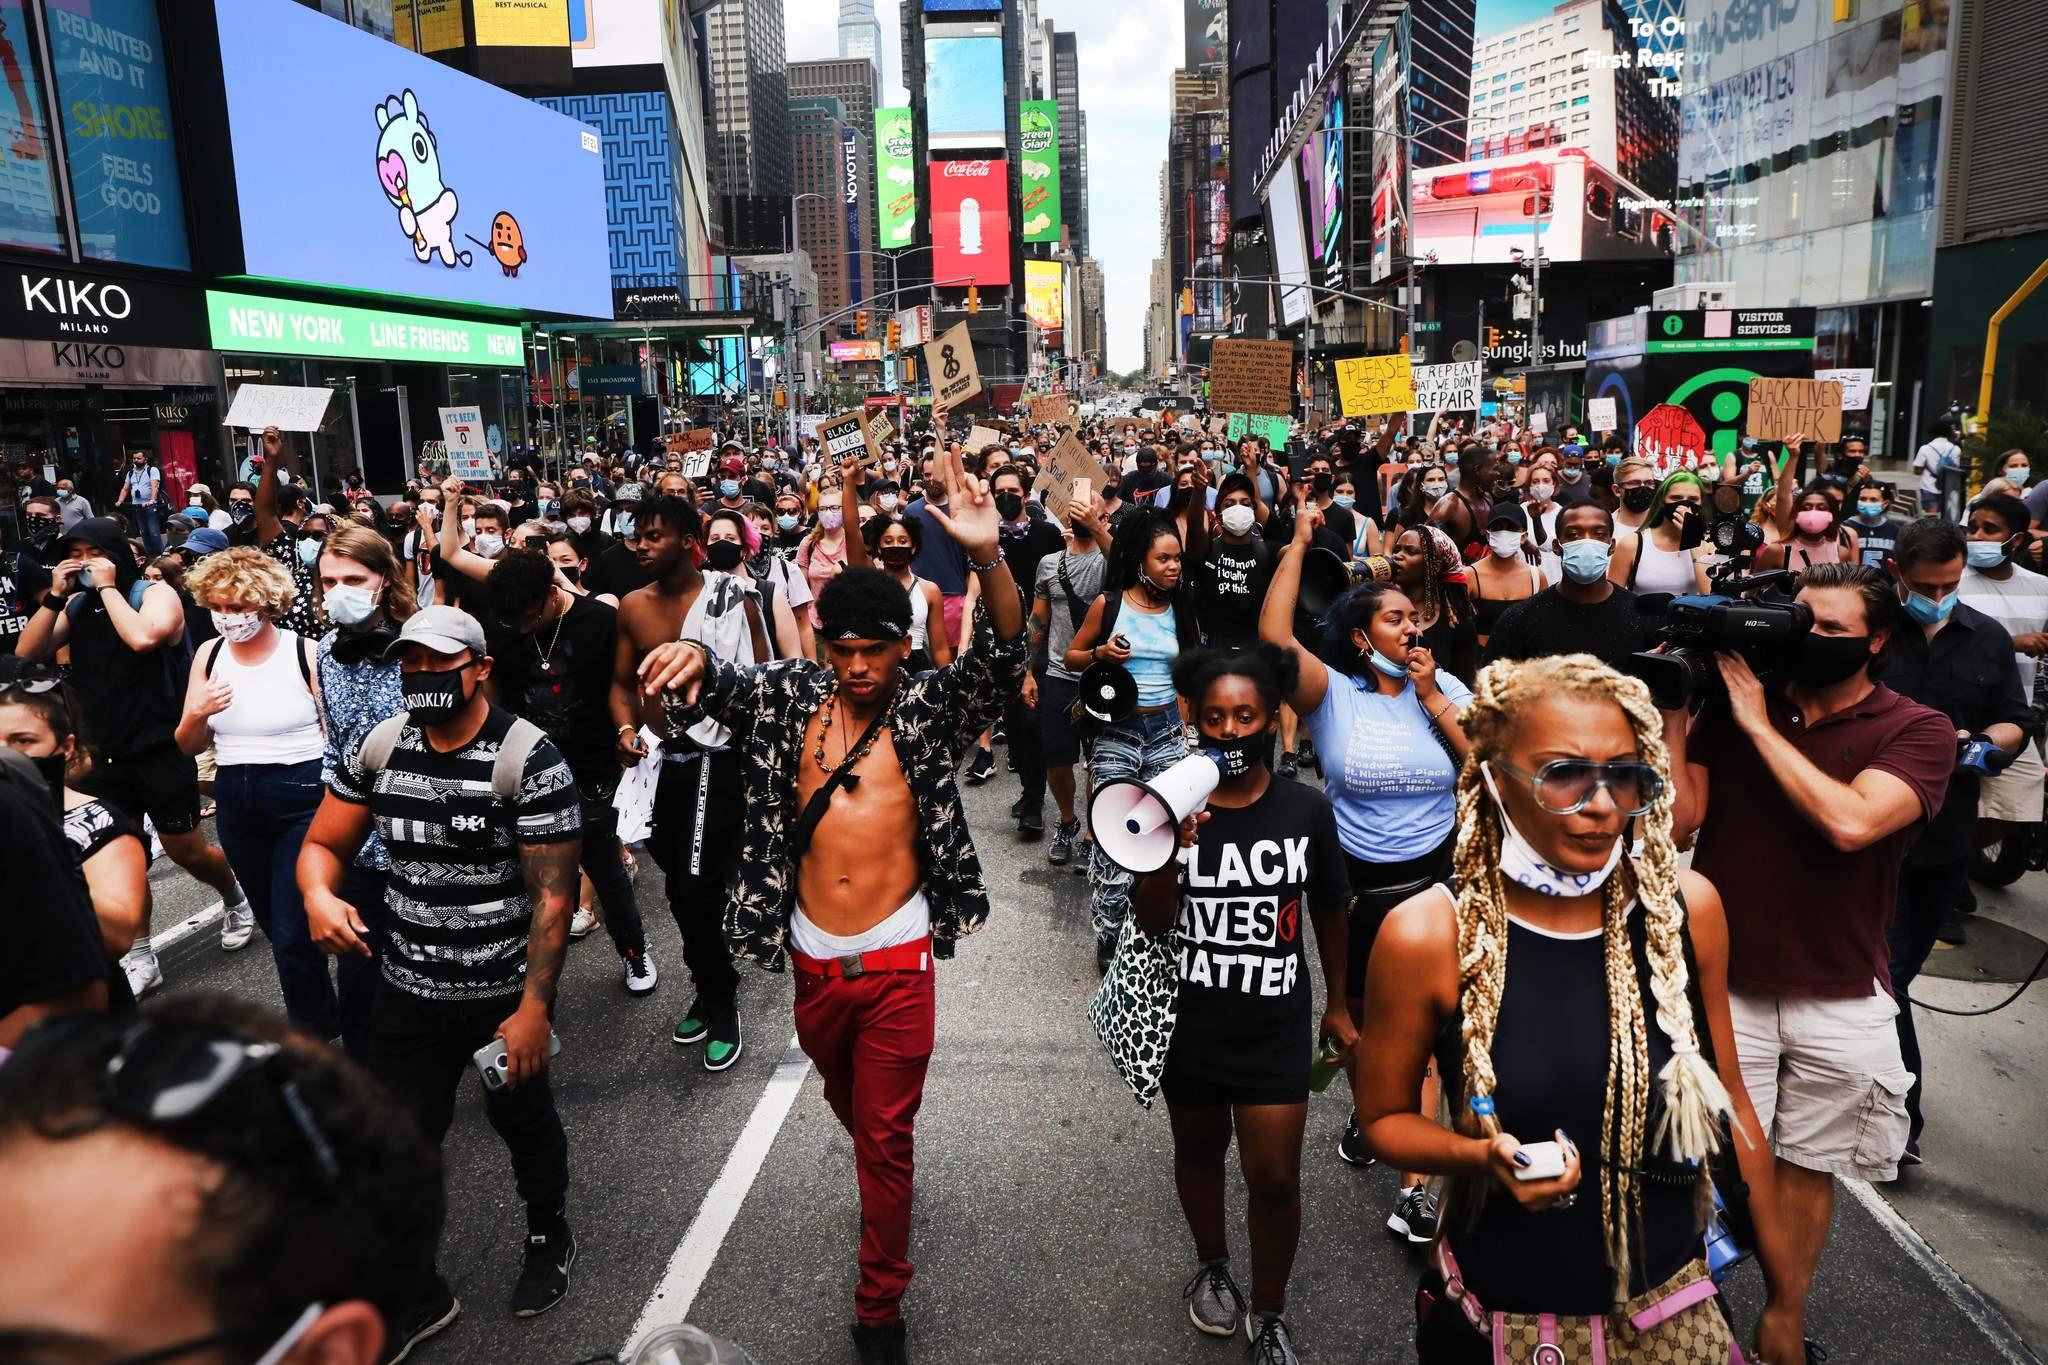 """Według Amnesty International nowojorska policja w niewłaściwy sposób wykorzystała rozpoznawanie twarzy podczas protestów """"Black Lives Matter"""" (fot. Amnesty International)"""